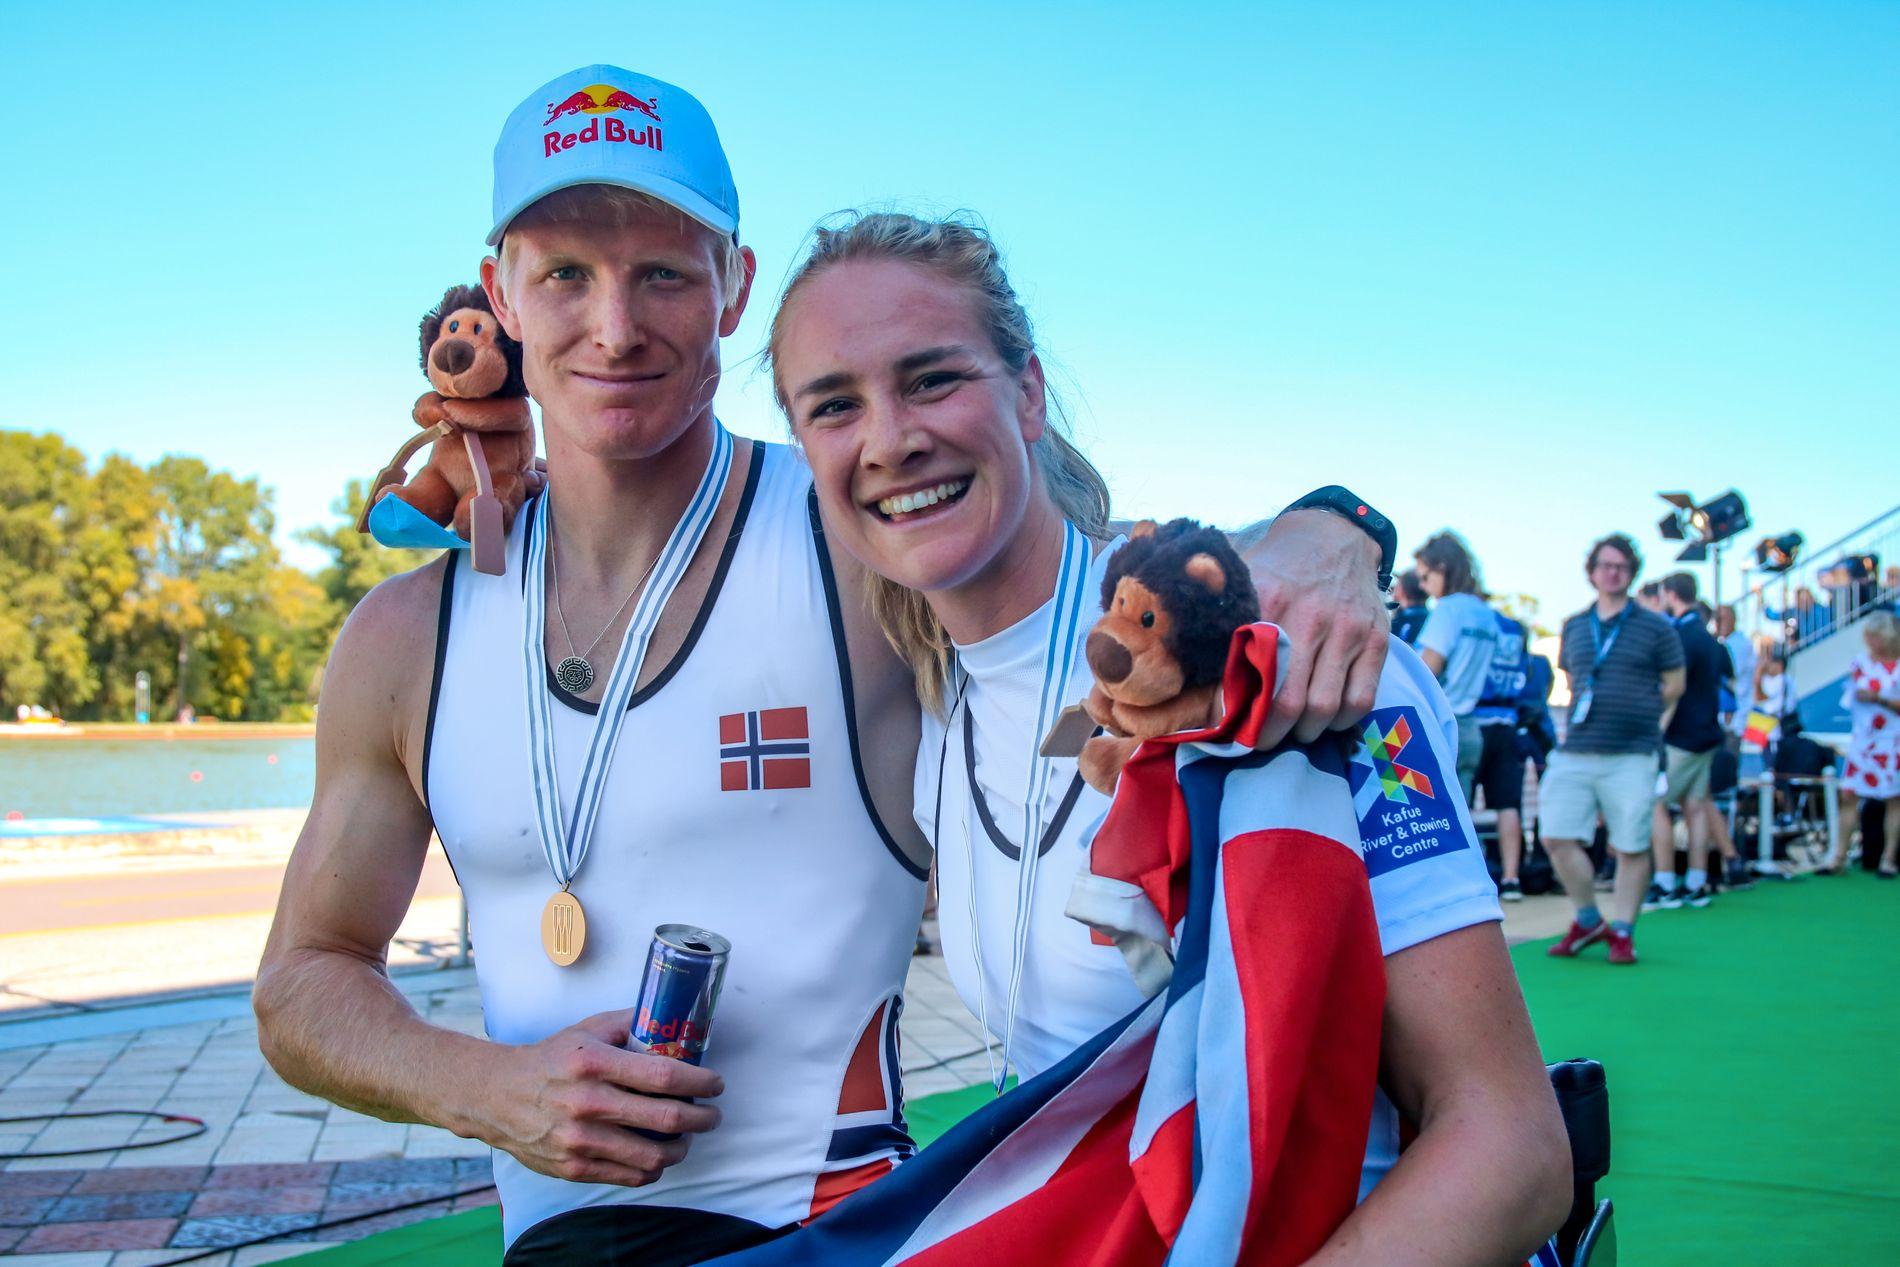 DOBBEL: Birgit Skarstein rodde først inn til gull selv, så heiet hun frem Kjetil Borch til samme valør. Her er de norske gullvinnerne sammen.